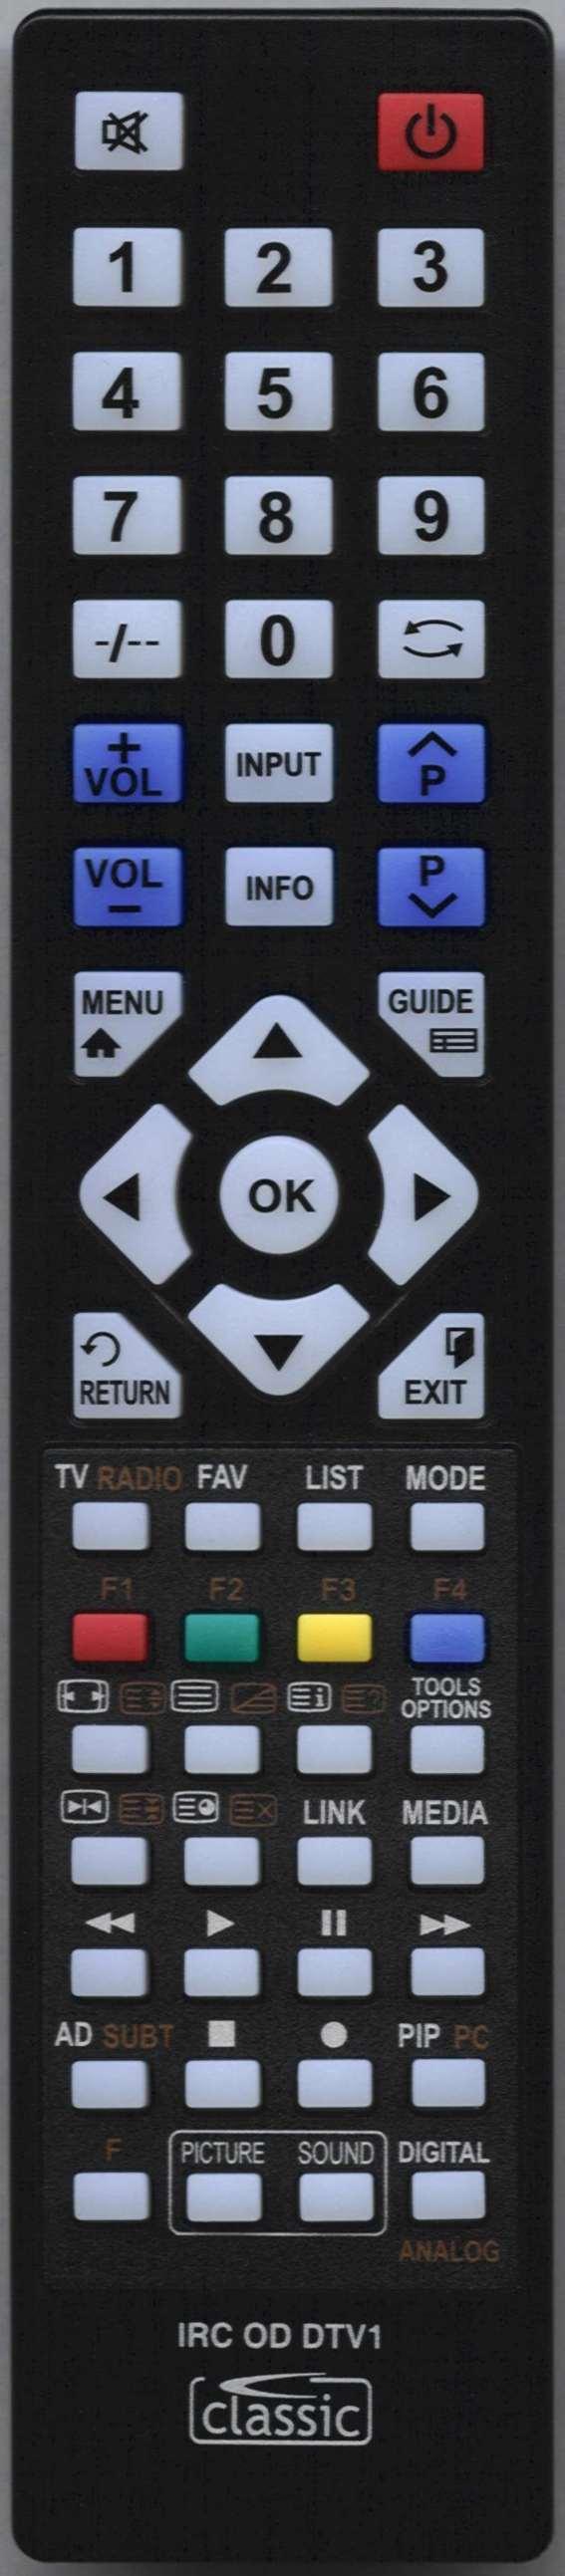 VELTECH LE-40GCL-A1-W Remote Control Alternative